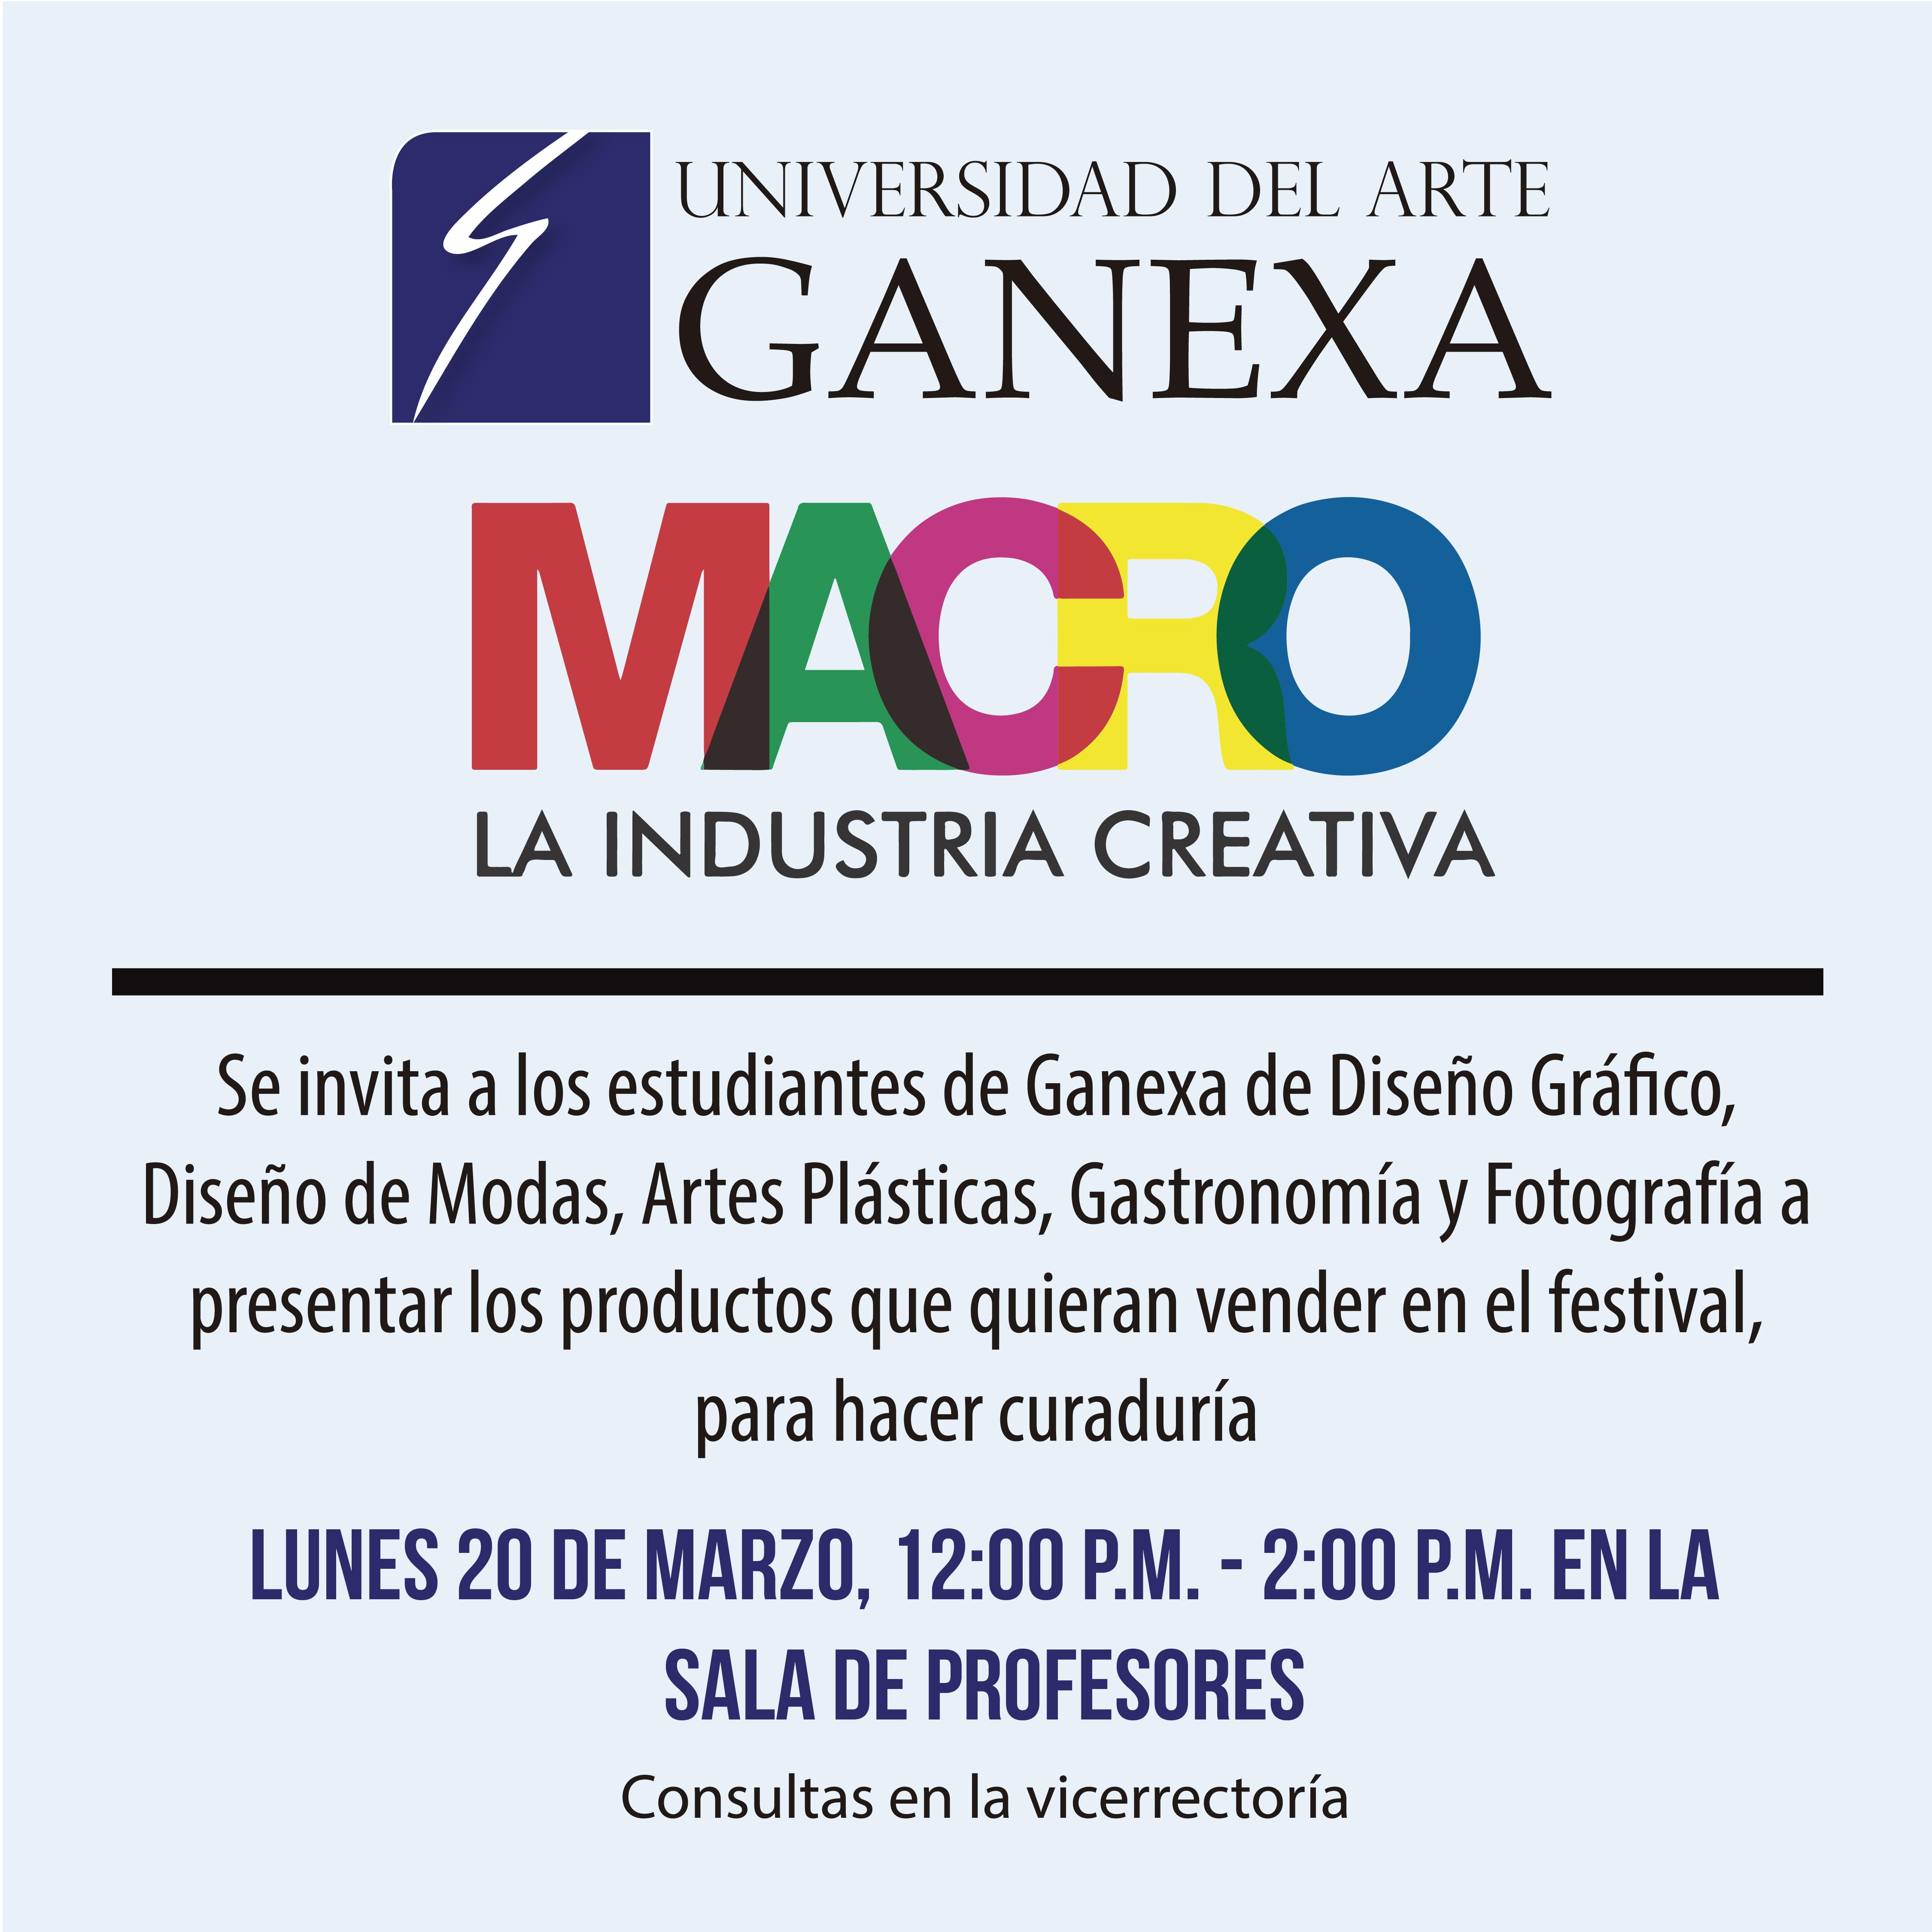 Arte panama universidad del arte ganexa for Universidad de arte